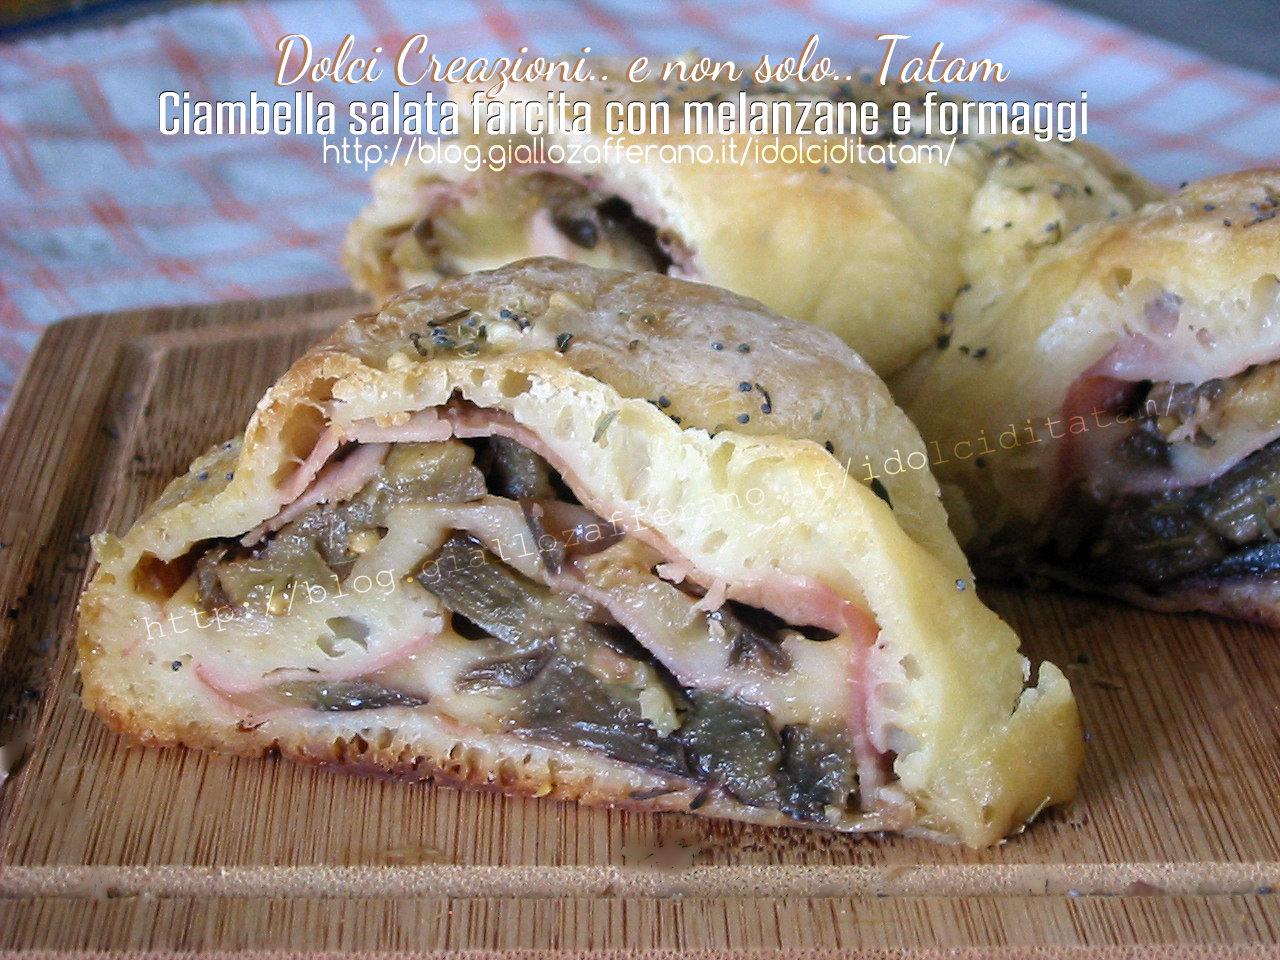 Ciambella salata farcita